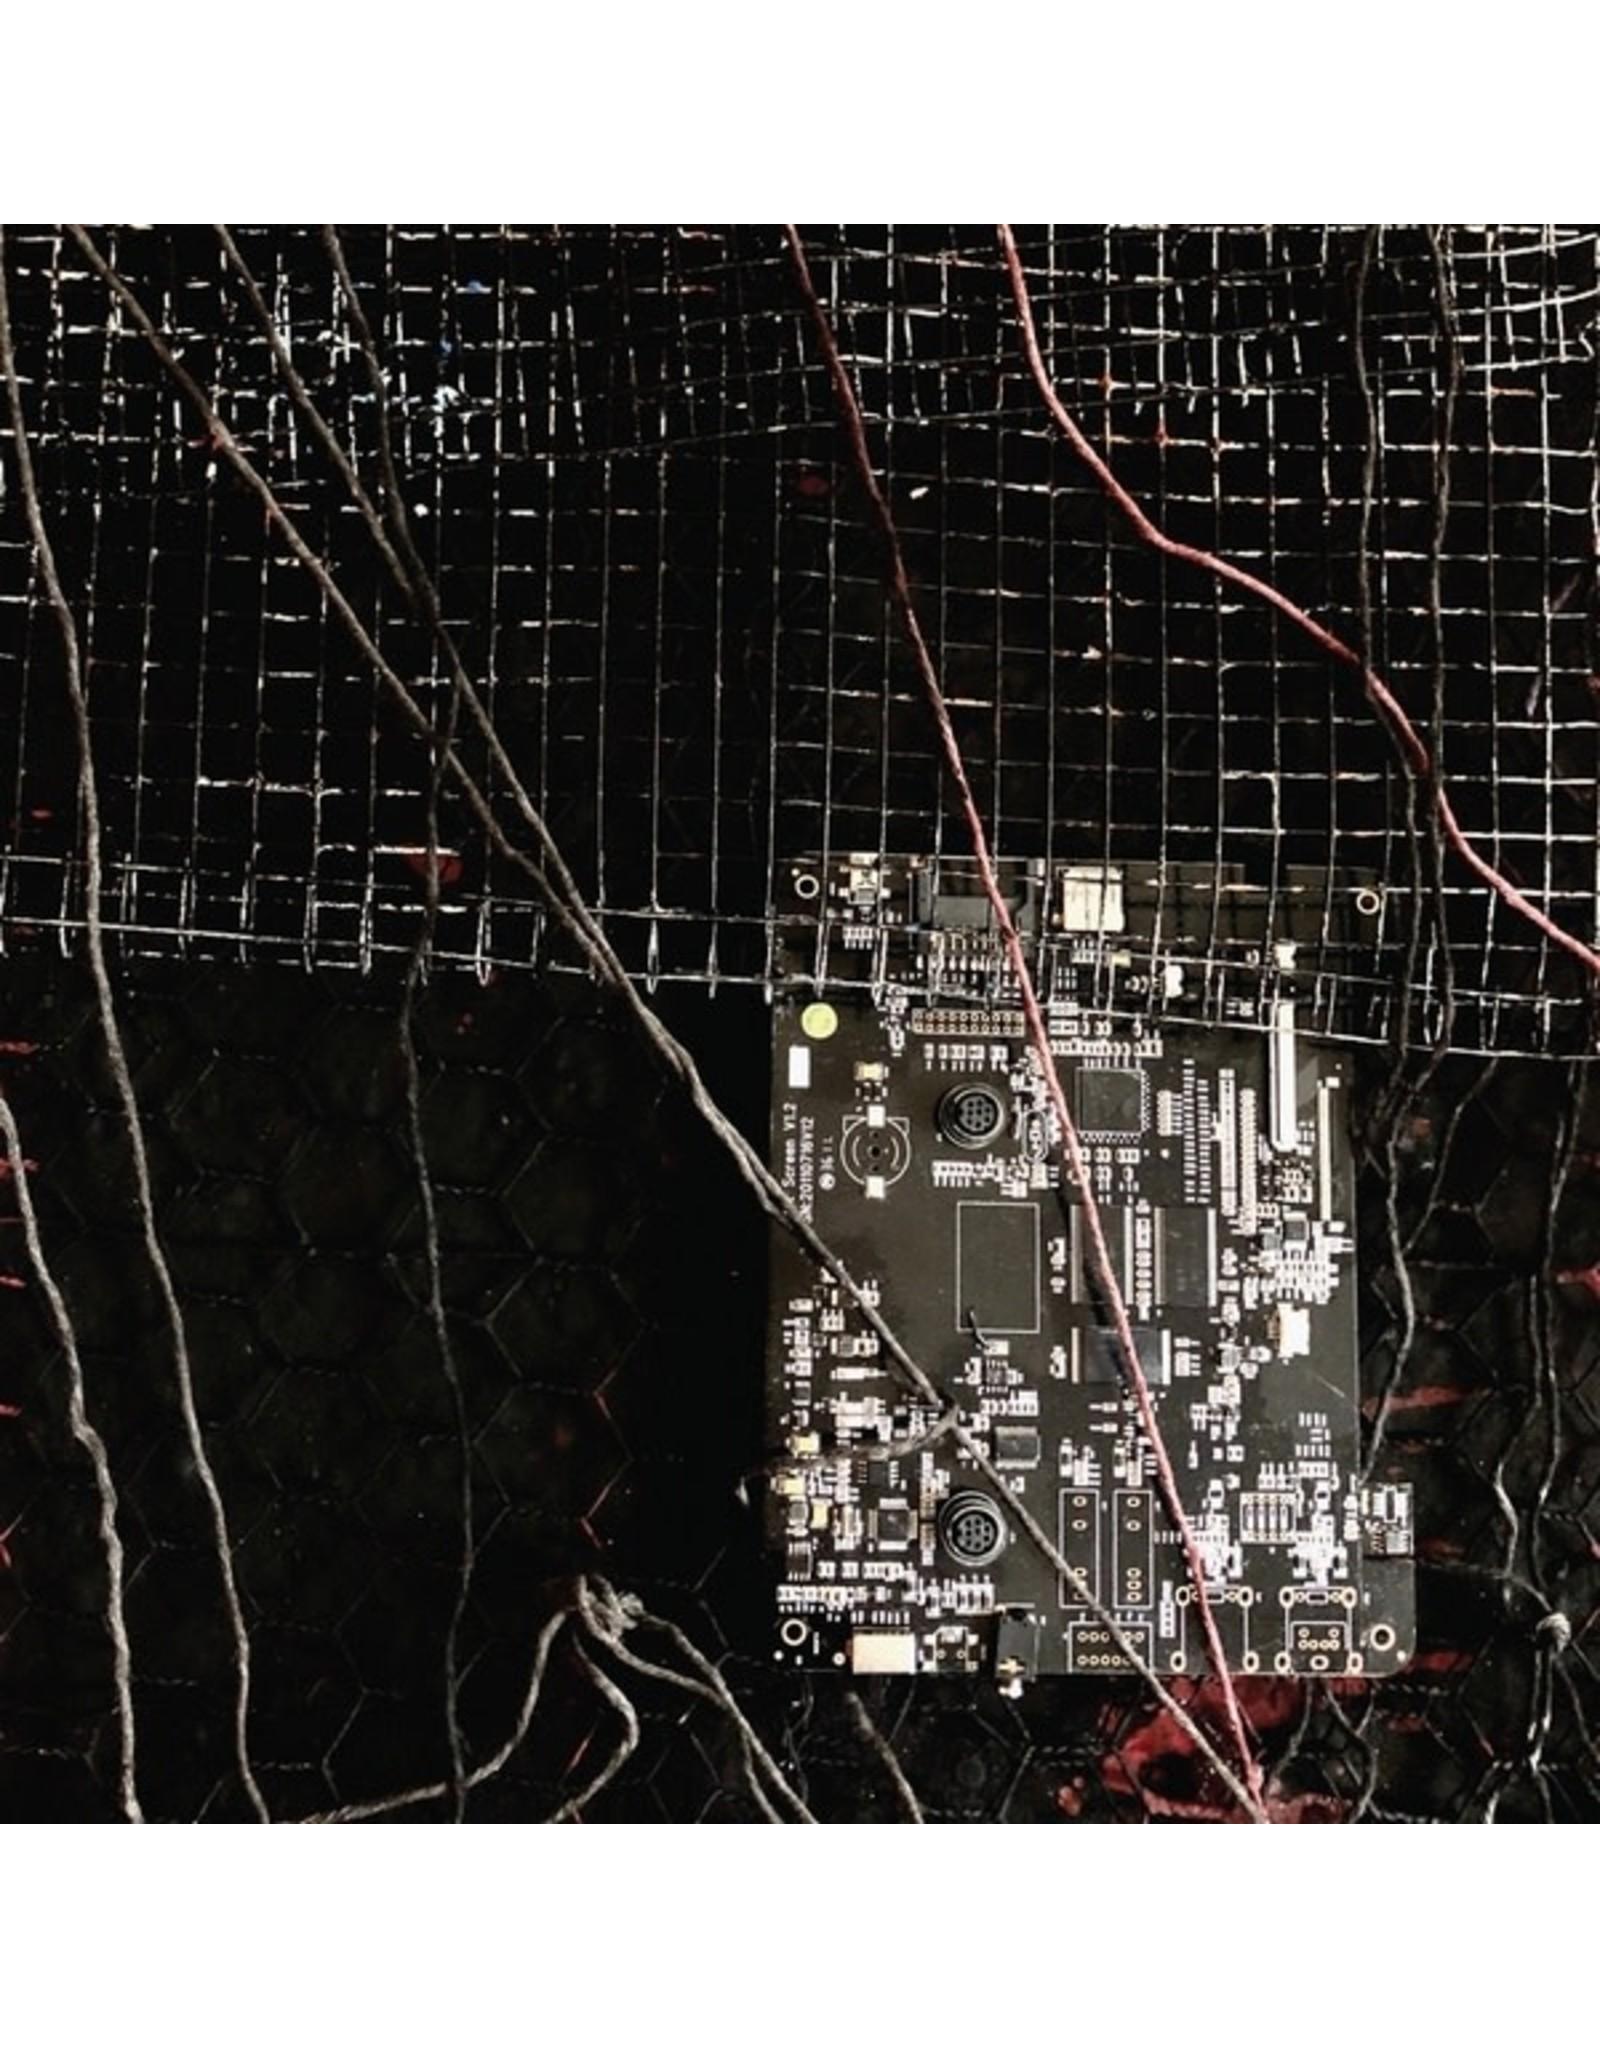 New Vinyl Merzbow / Prurient - Black Crows Cyborg (Colored) LP